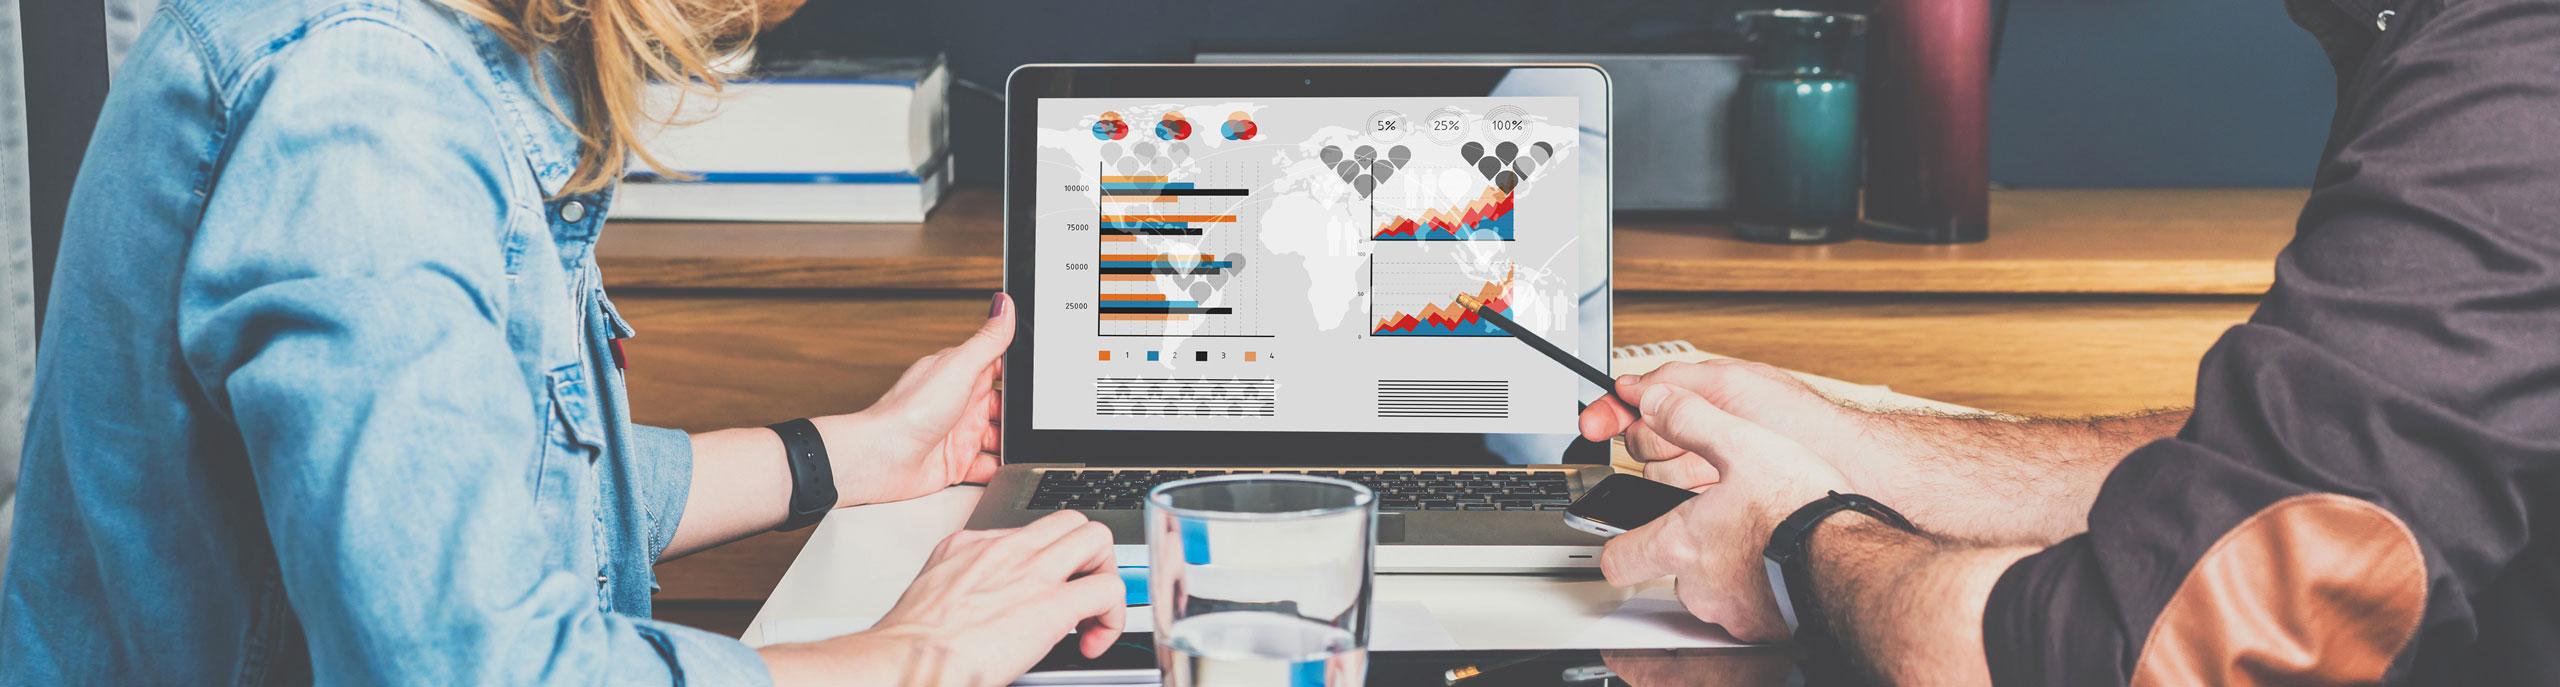 Création de site internet : Analyse et amélioration continue